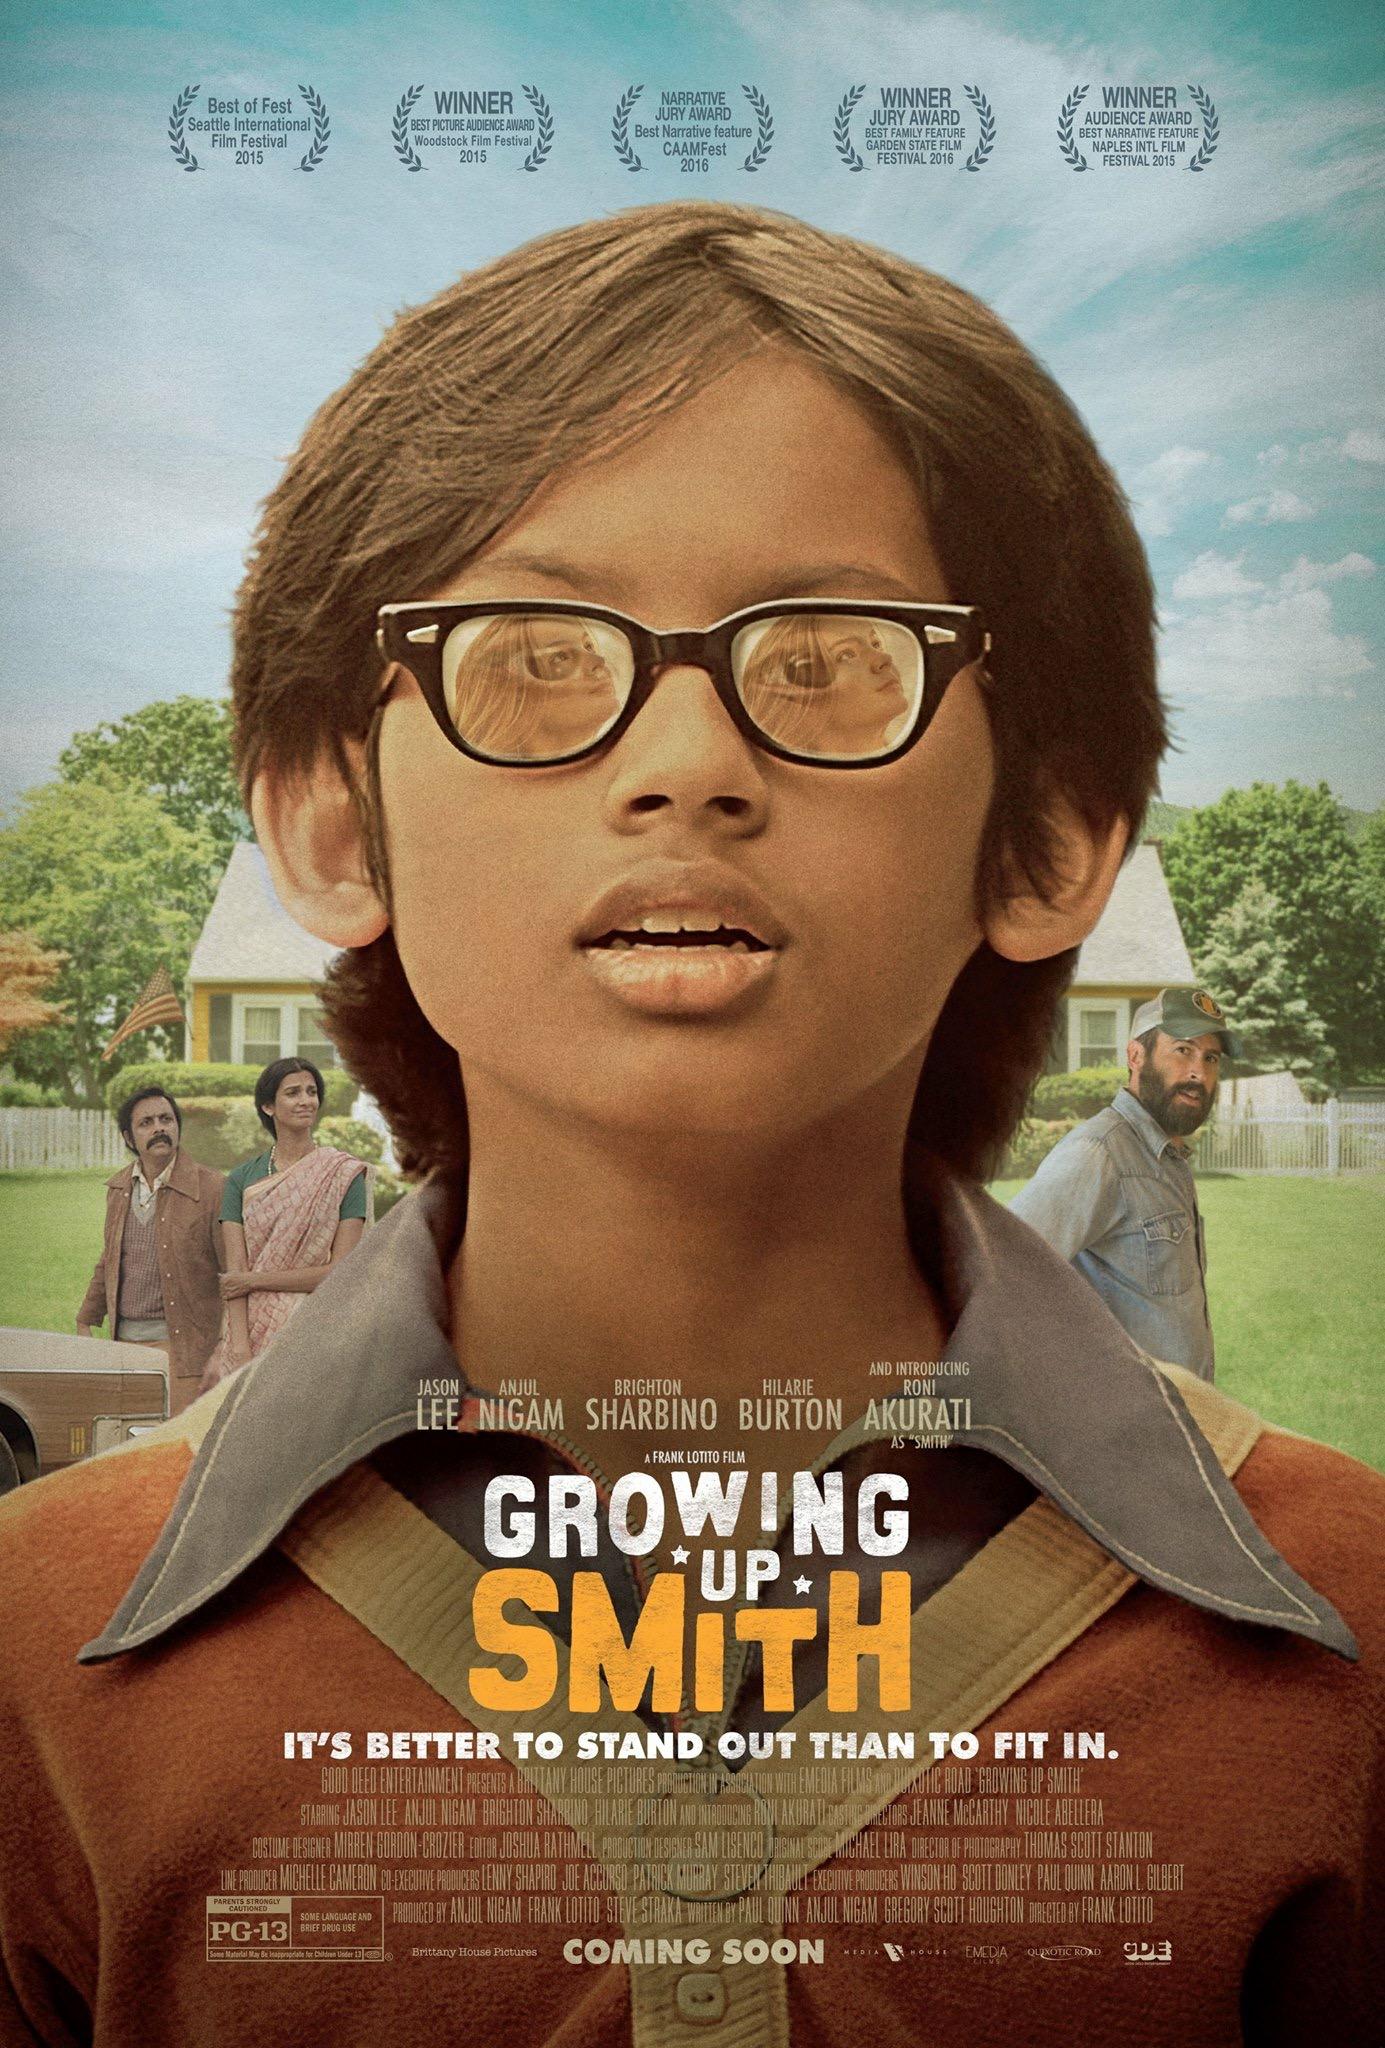 growingupsmith2.jpg